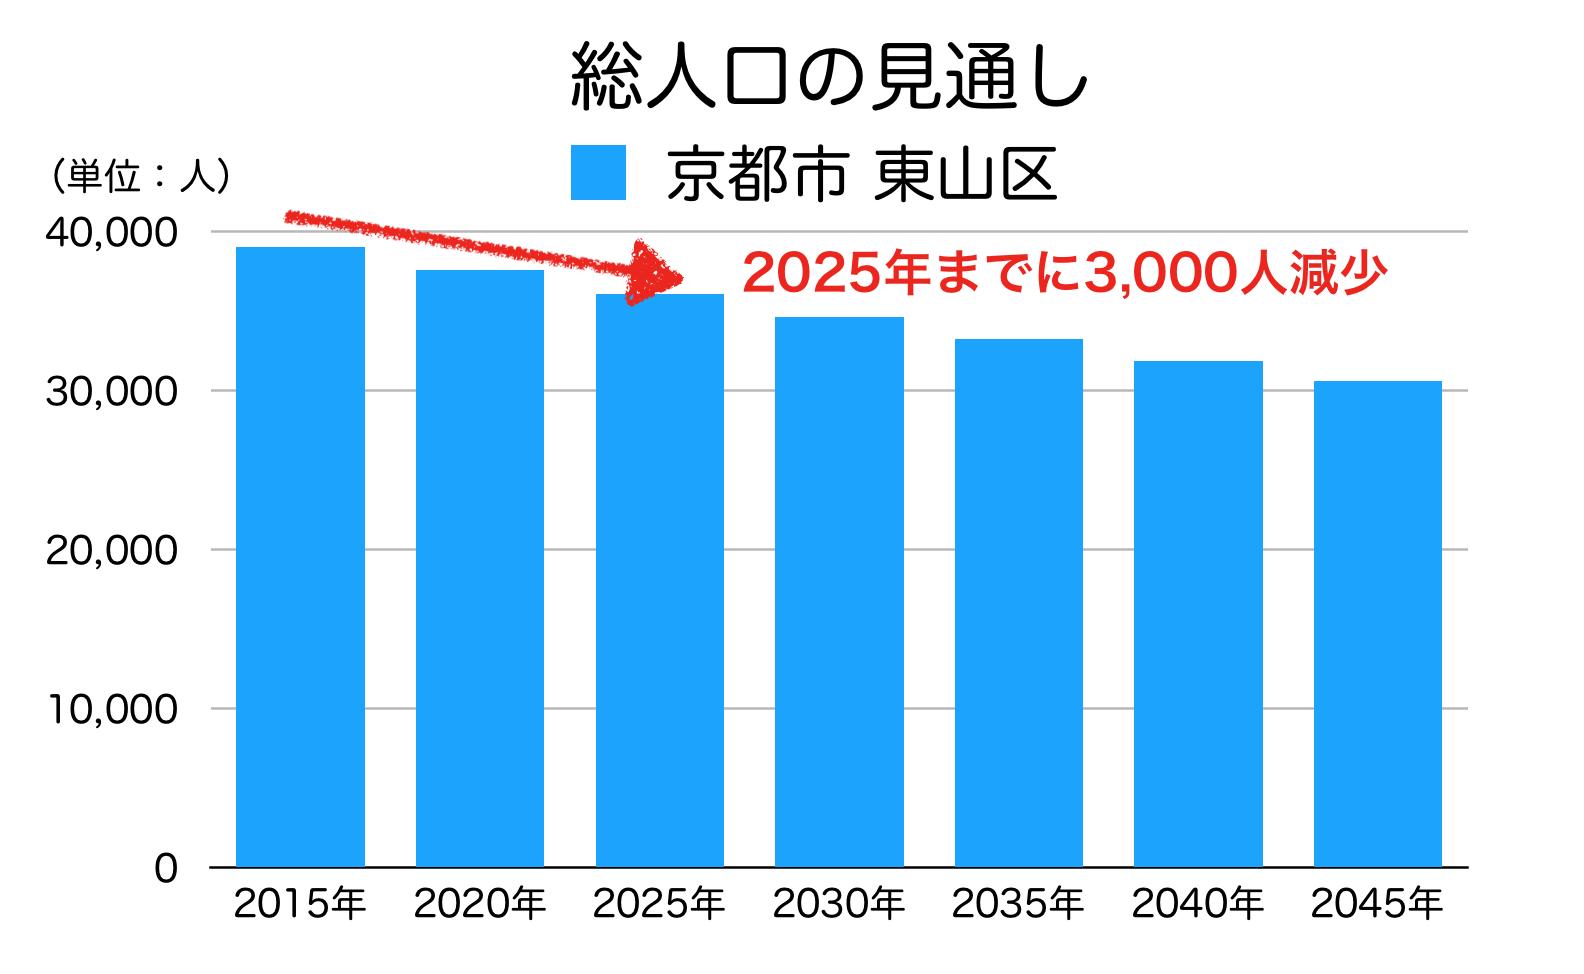 京都市東山区の人口予測